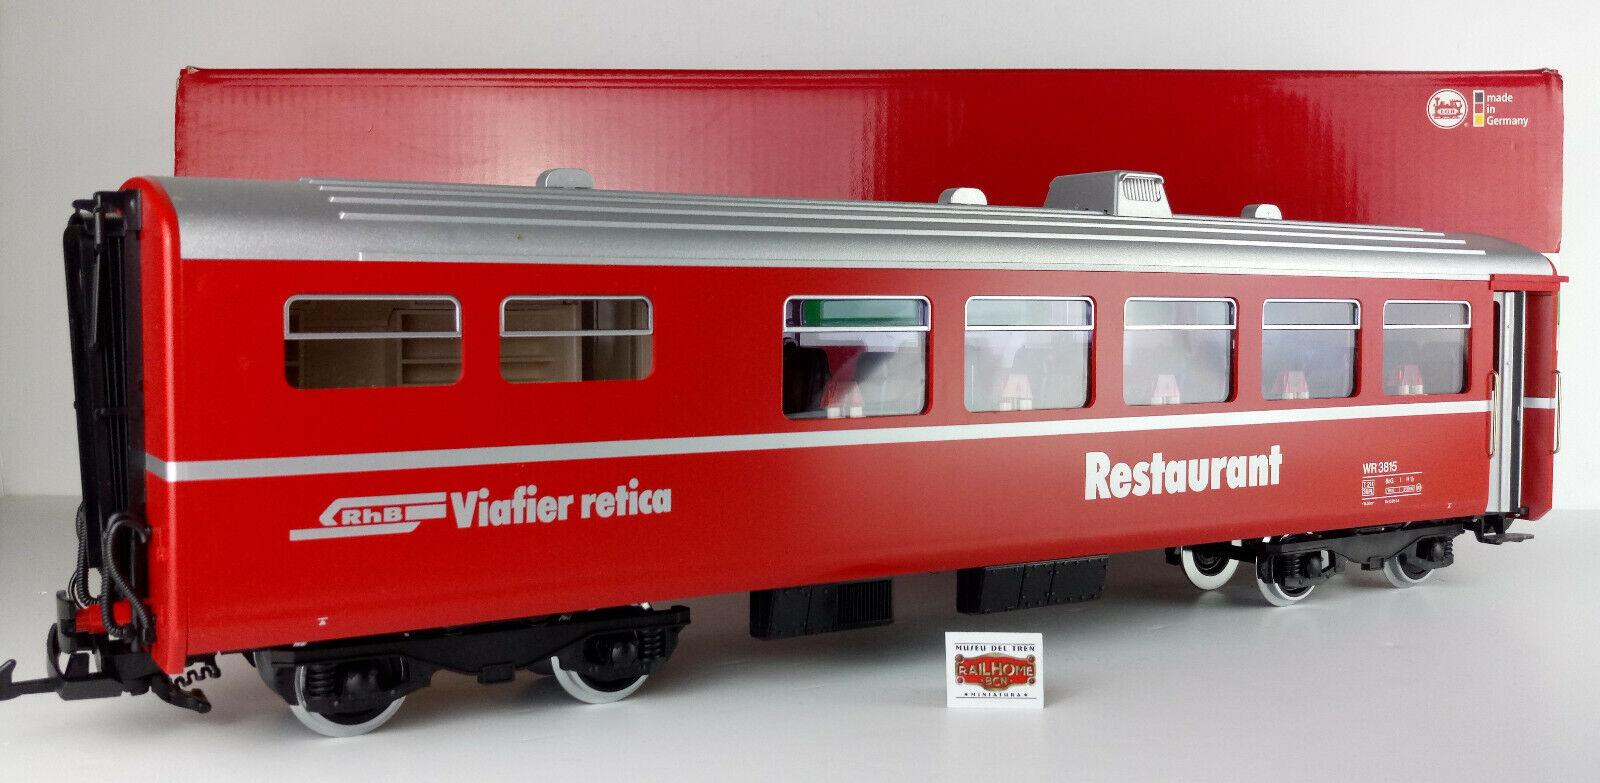 vendendo bene in tutto il mondo LGB 30680 - Auto Ristorante Rathische Bahn - con con con Luce   - come Nuovo  - Imb. Or.  servizio onesto